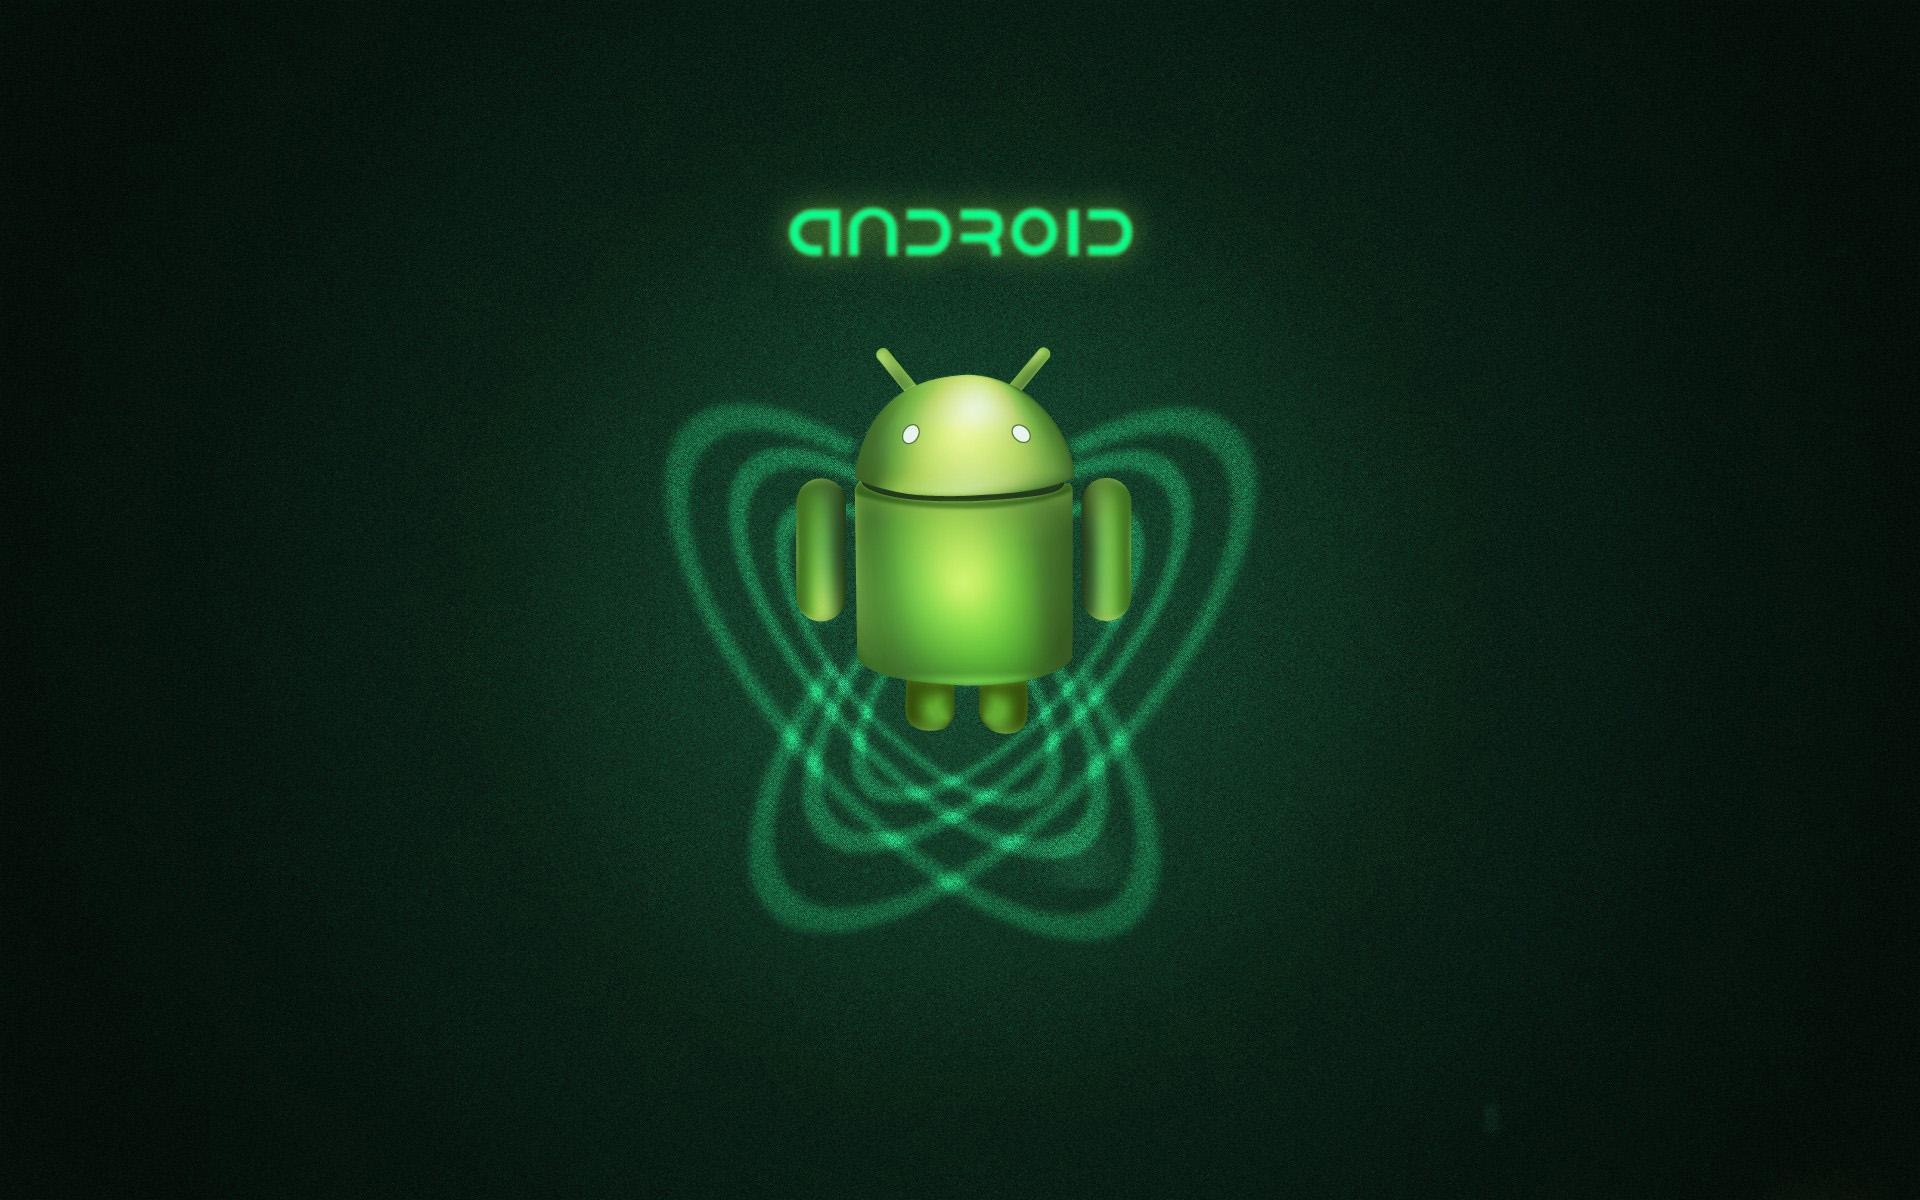 фото на андроїд на заставку